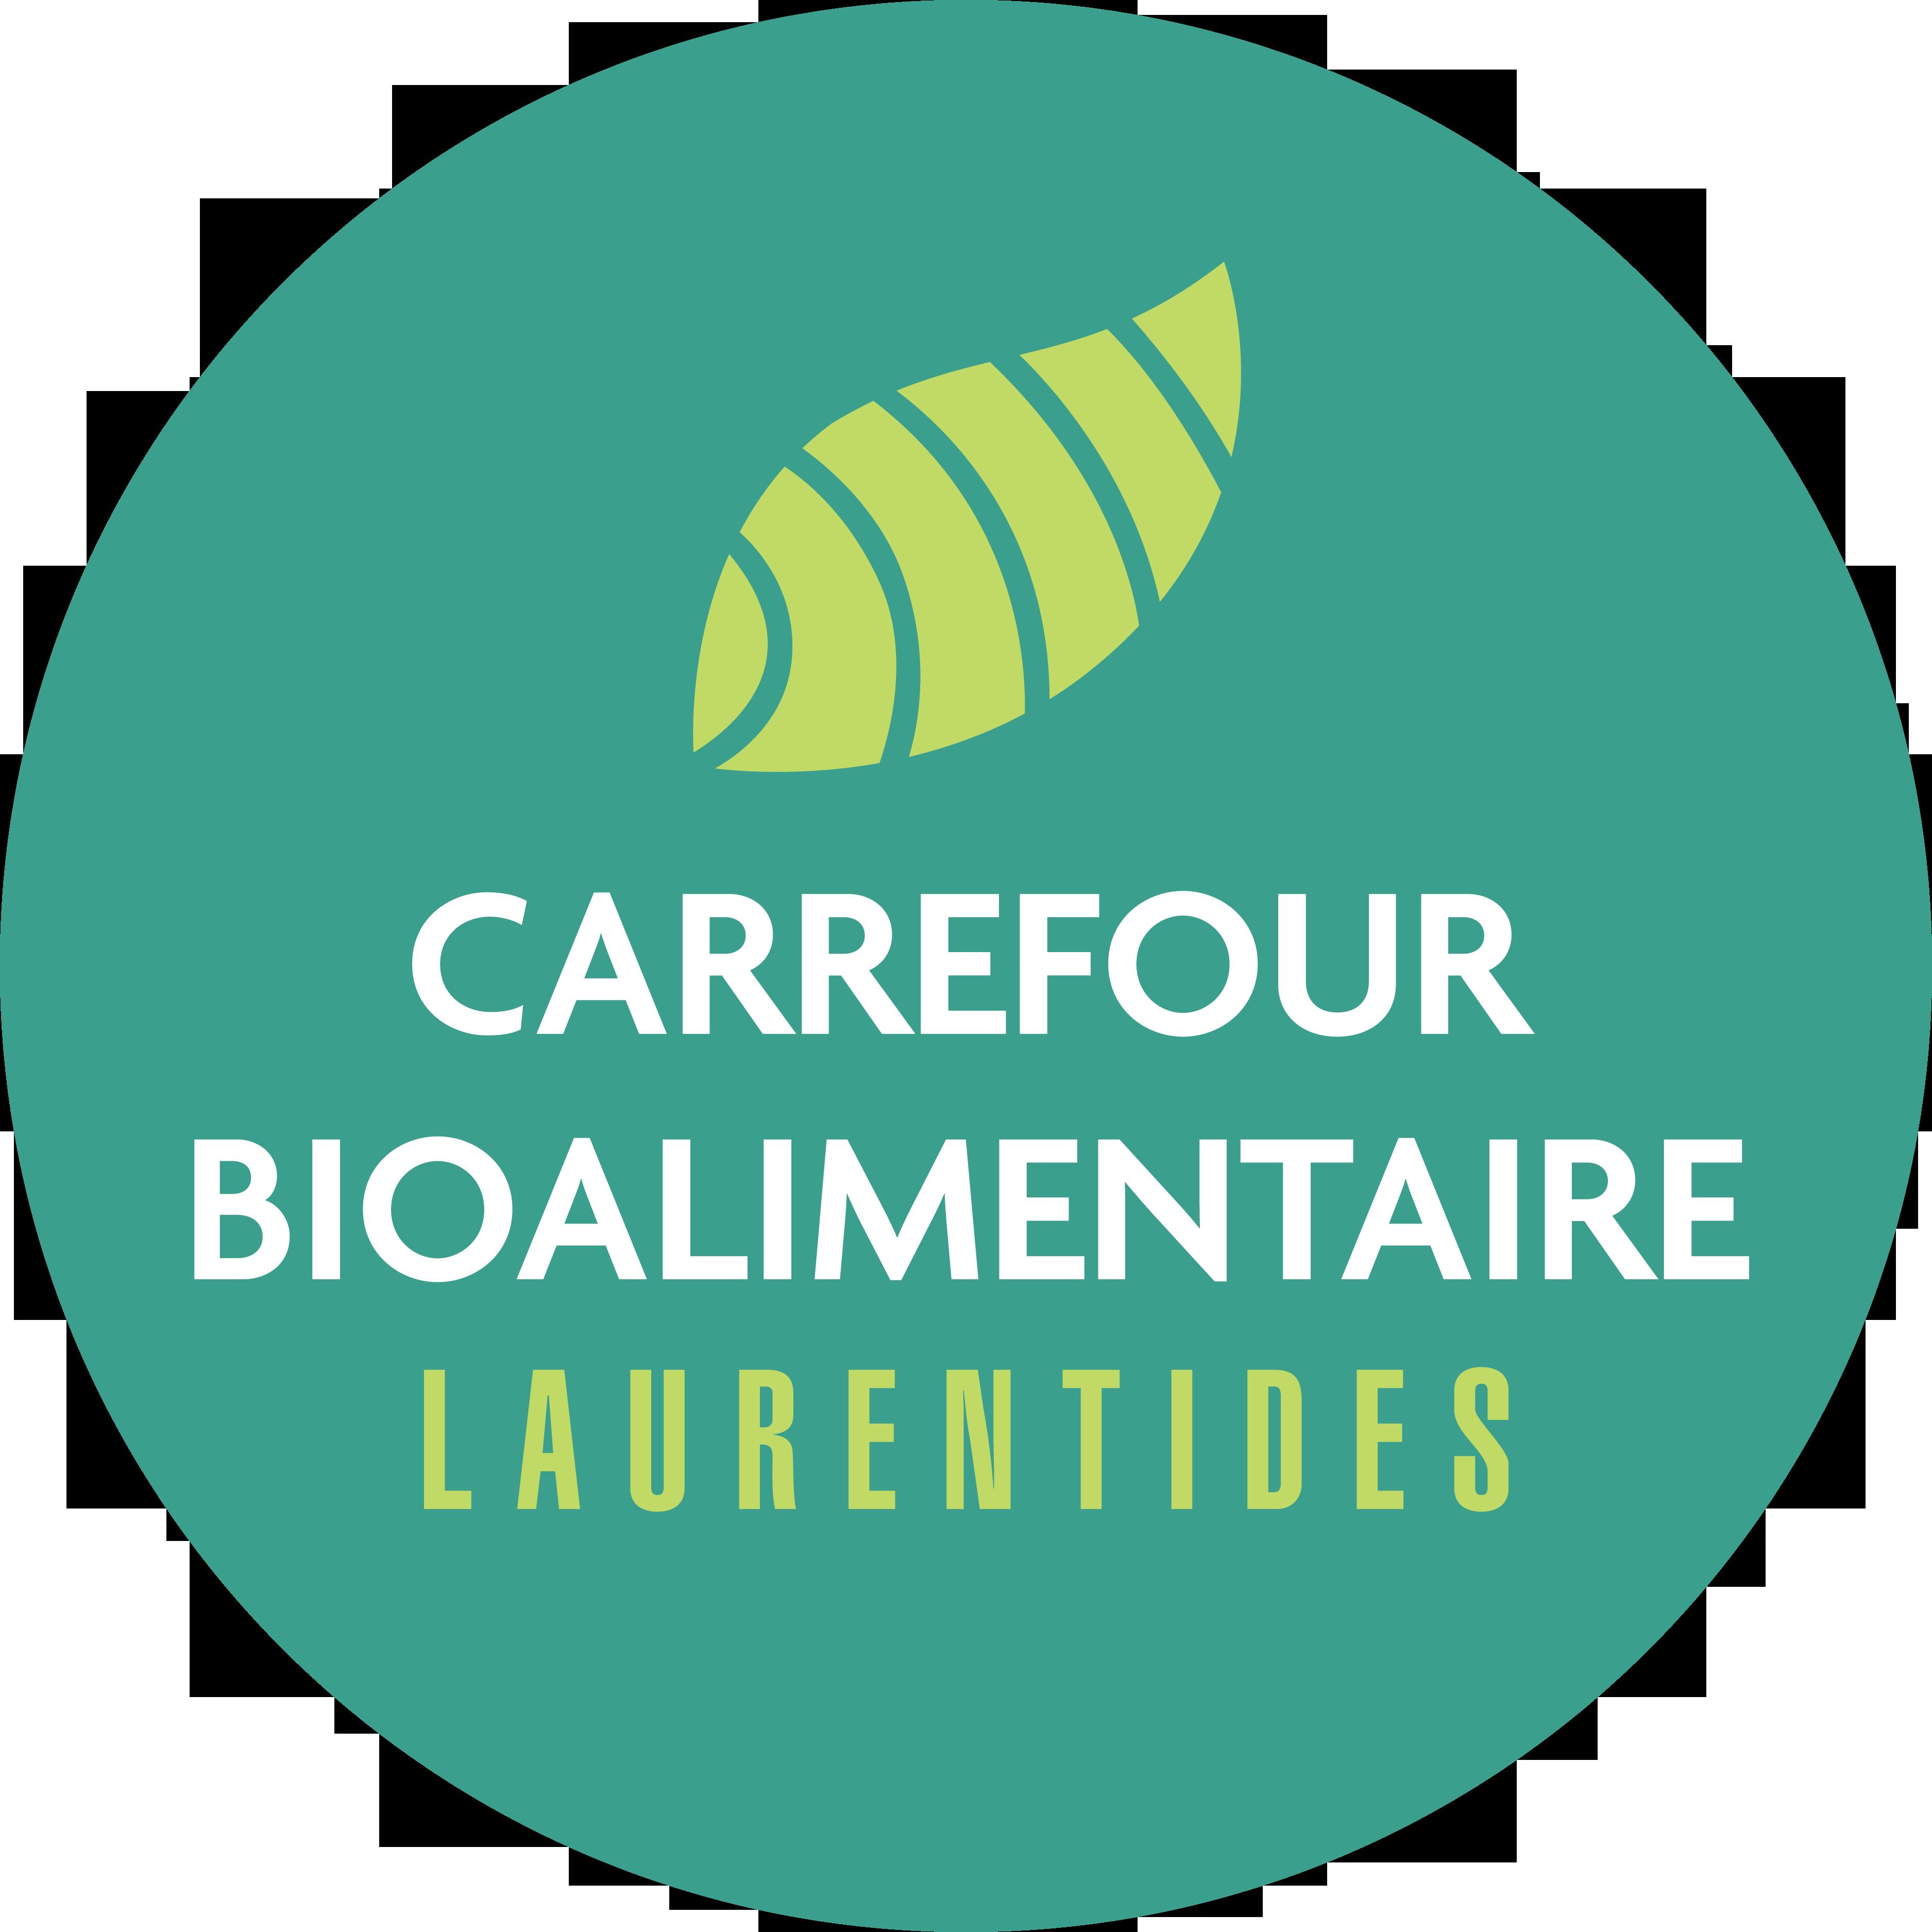 Identifiant du Carrefour bioalimentaire Laurentides